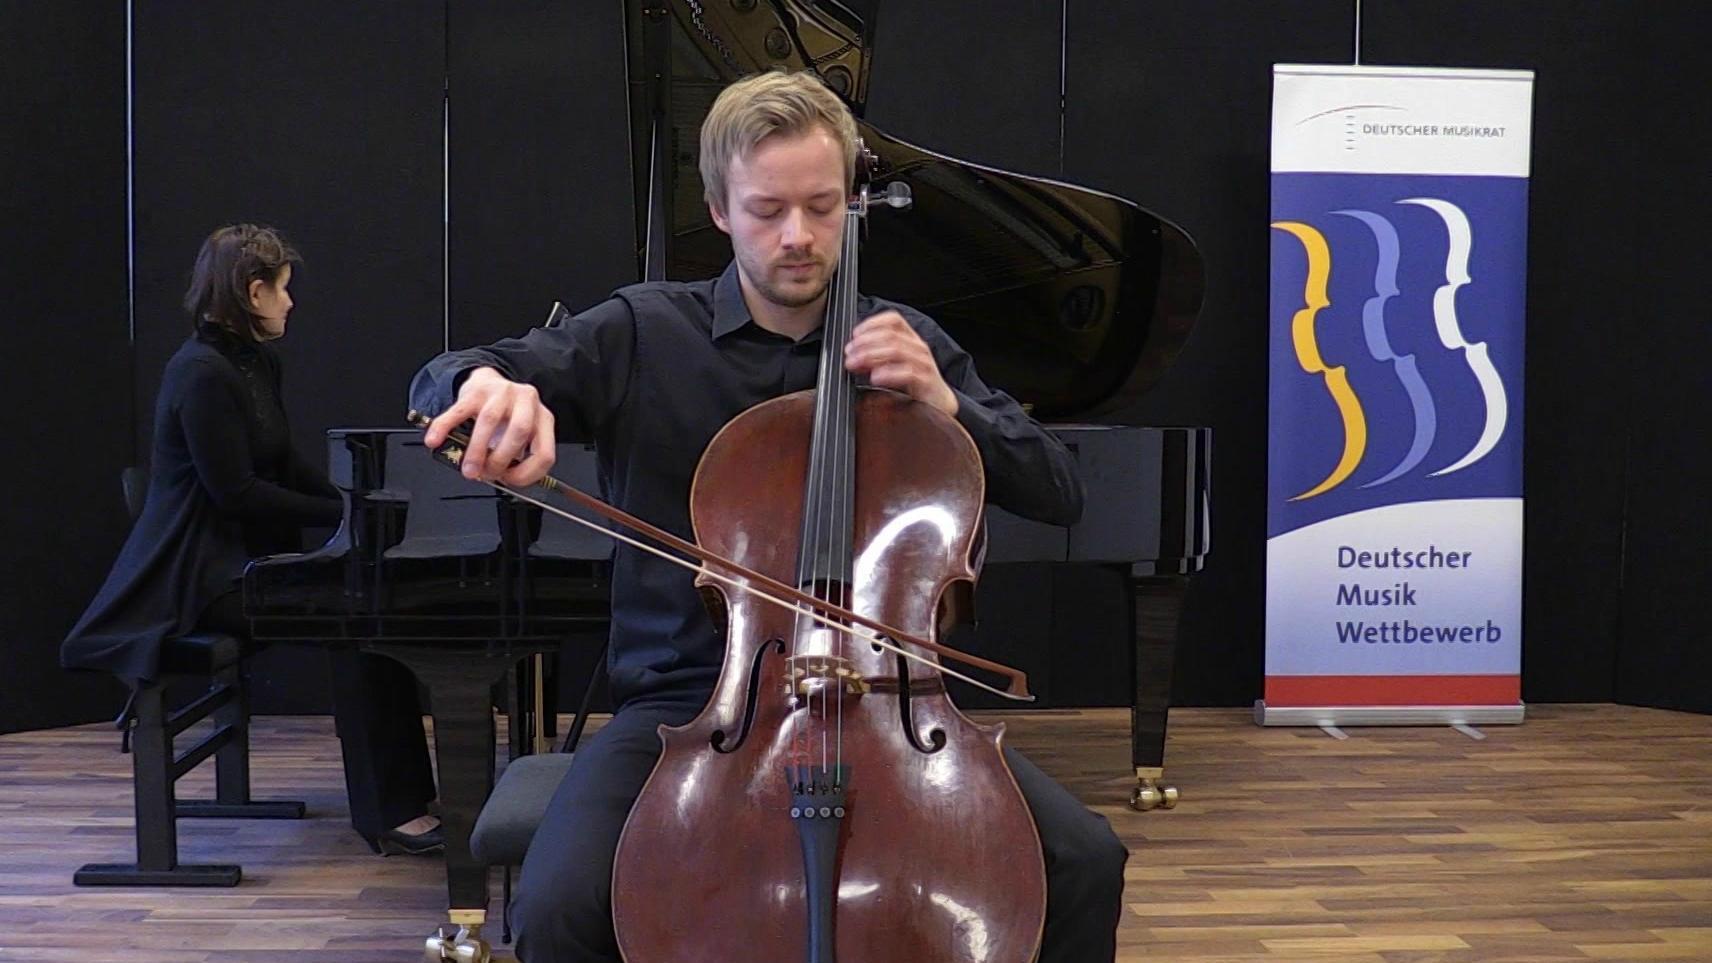 Einer der bedeutendsten Wettbewerbe für professionelle Nachwuchsmusiker - der Deutsche Musikwettbewerb findet in diesem Jahr in Nürnberg statt.